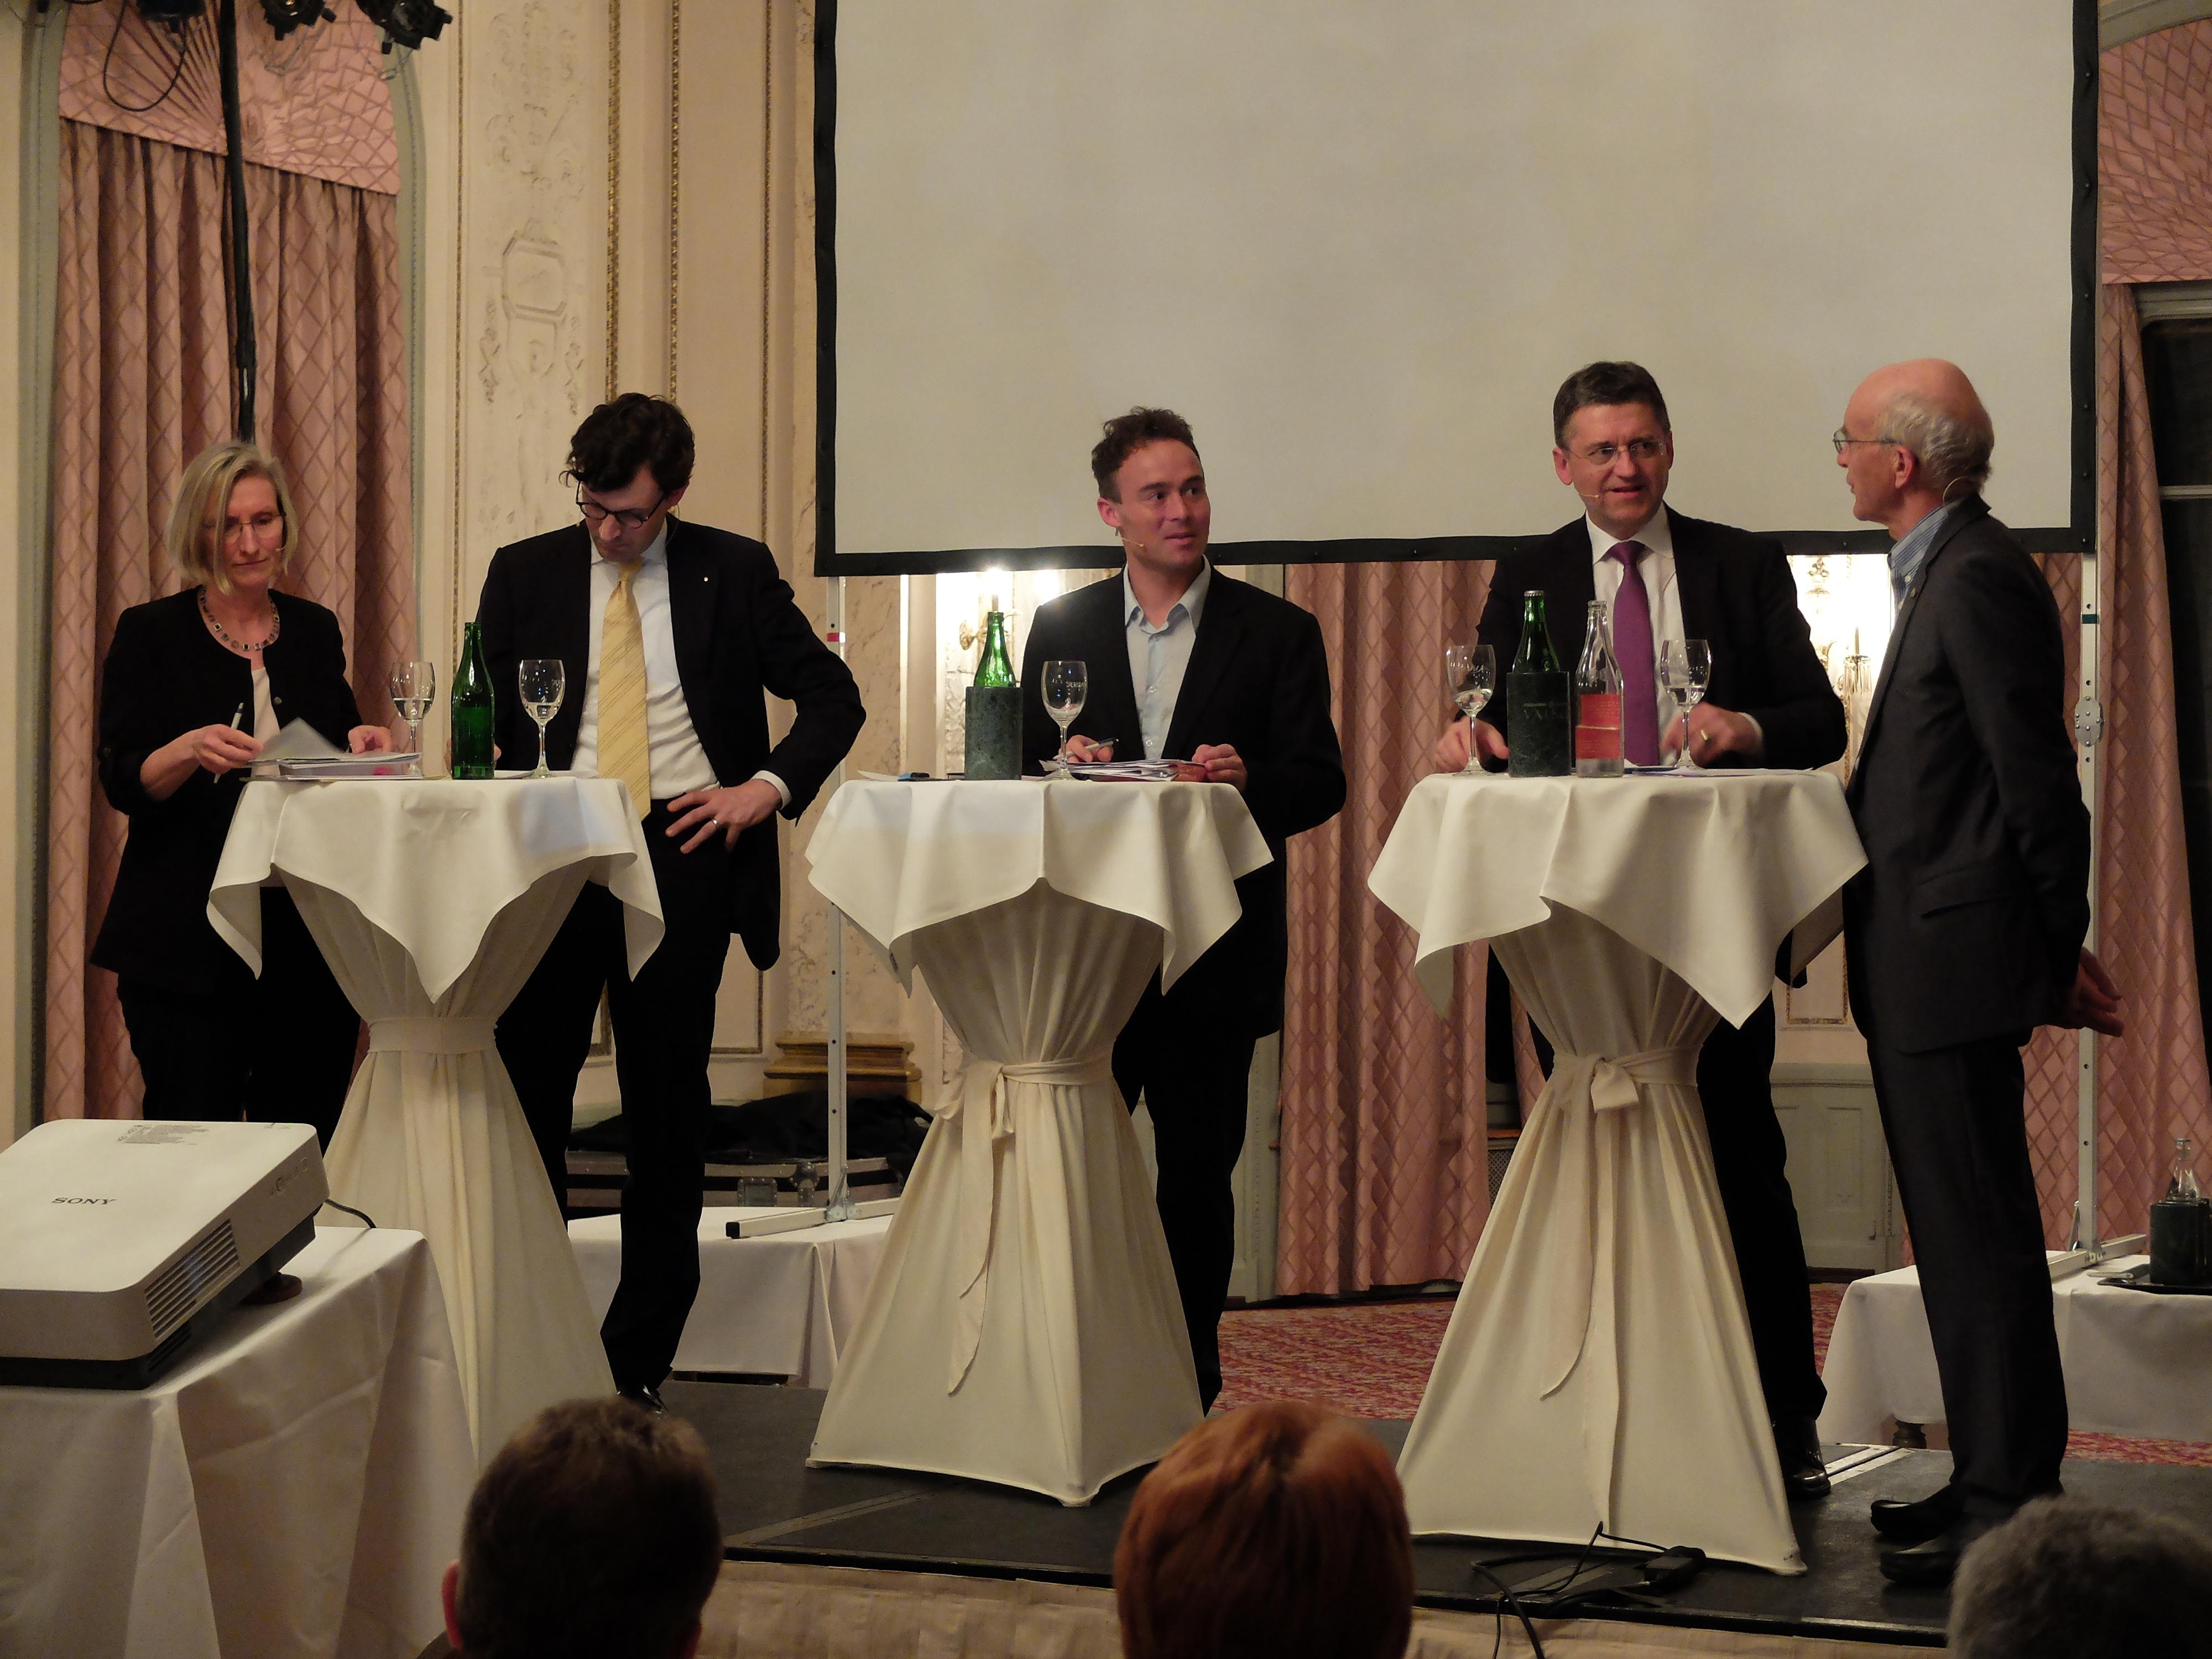 Podiumsdiskussion in Luzern zur Lage des Mittelstandes in der Schweiz.